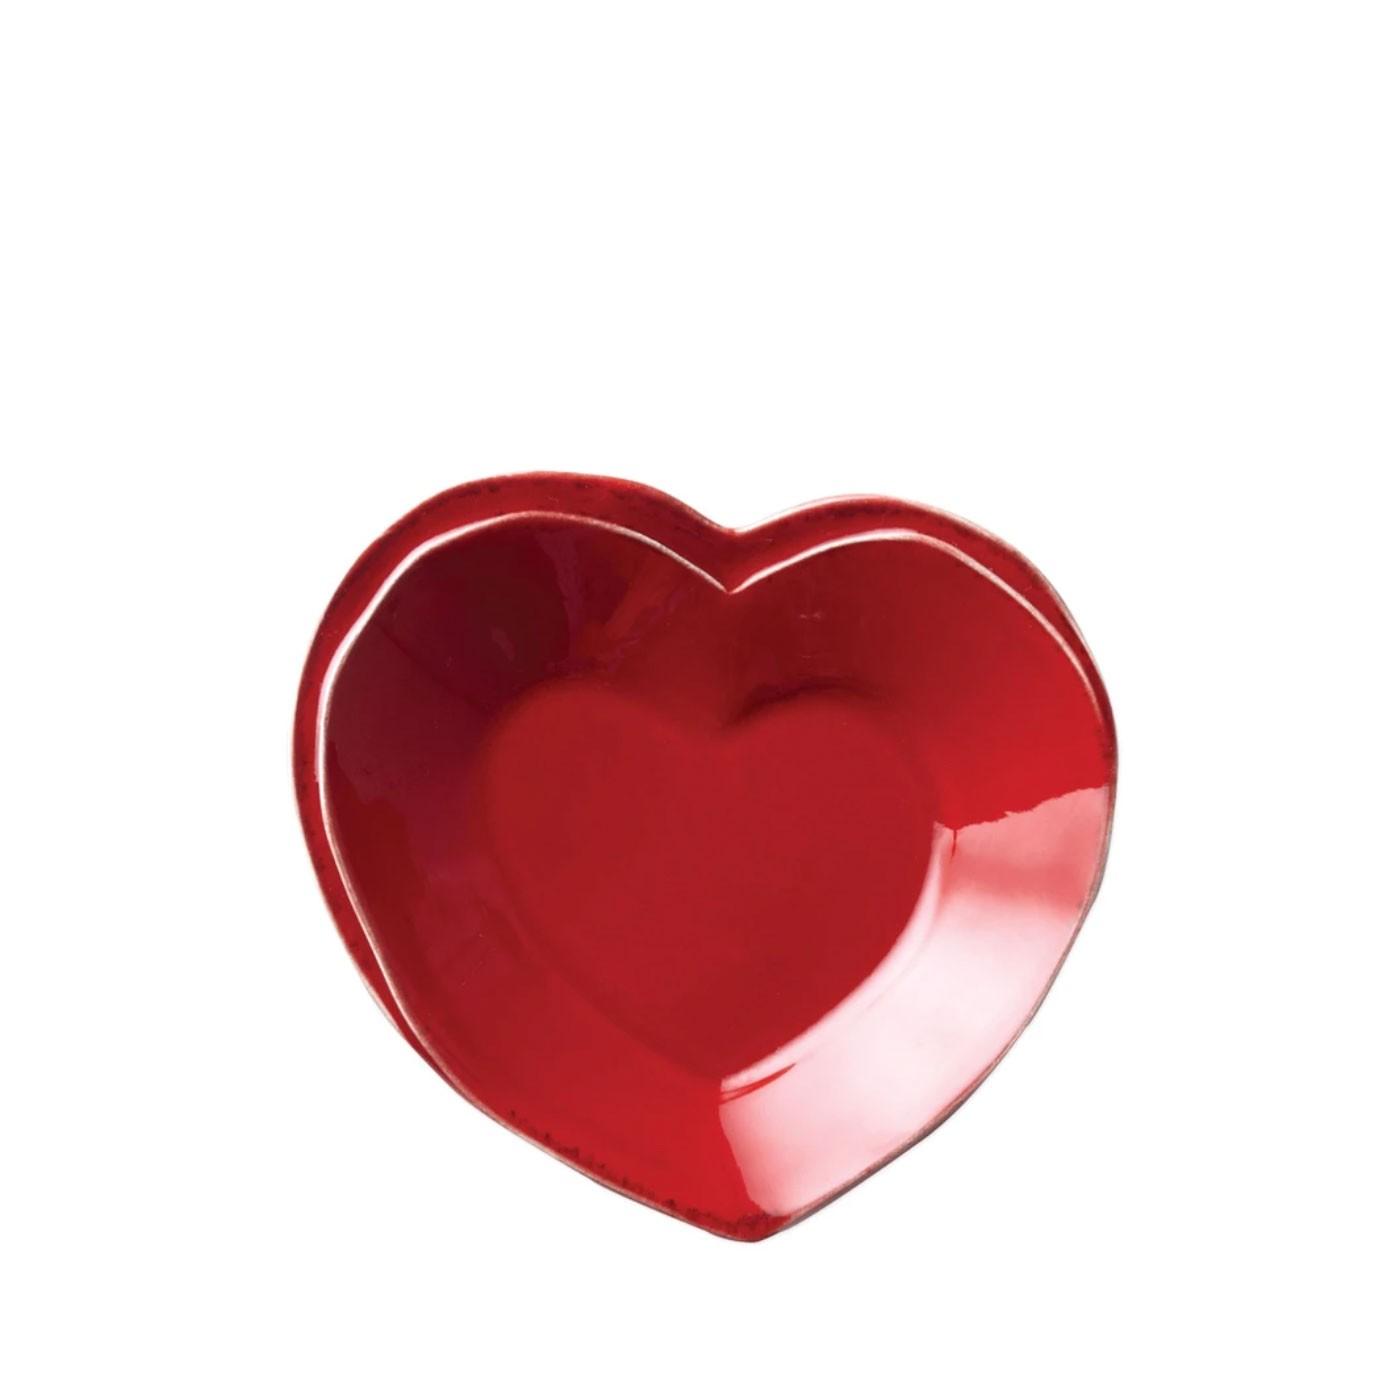 Lastra Red Heart Dish - Vietri   Eataly.com